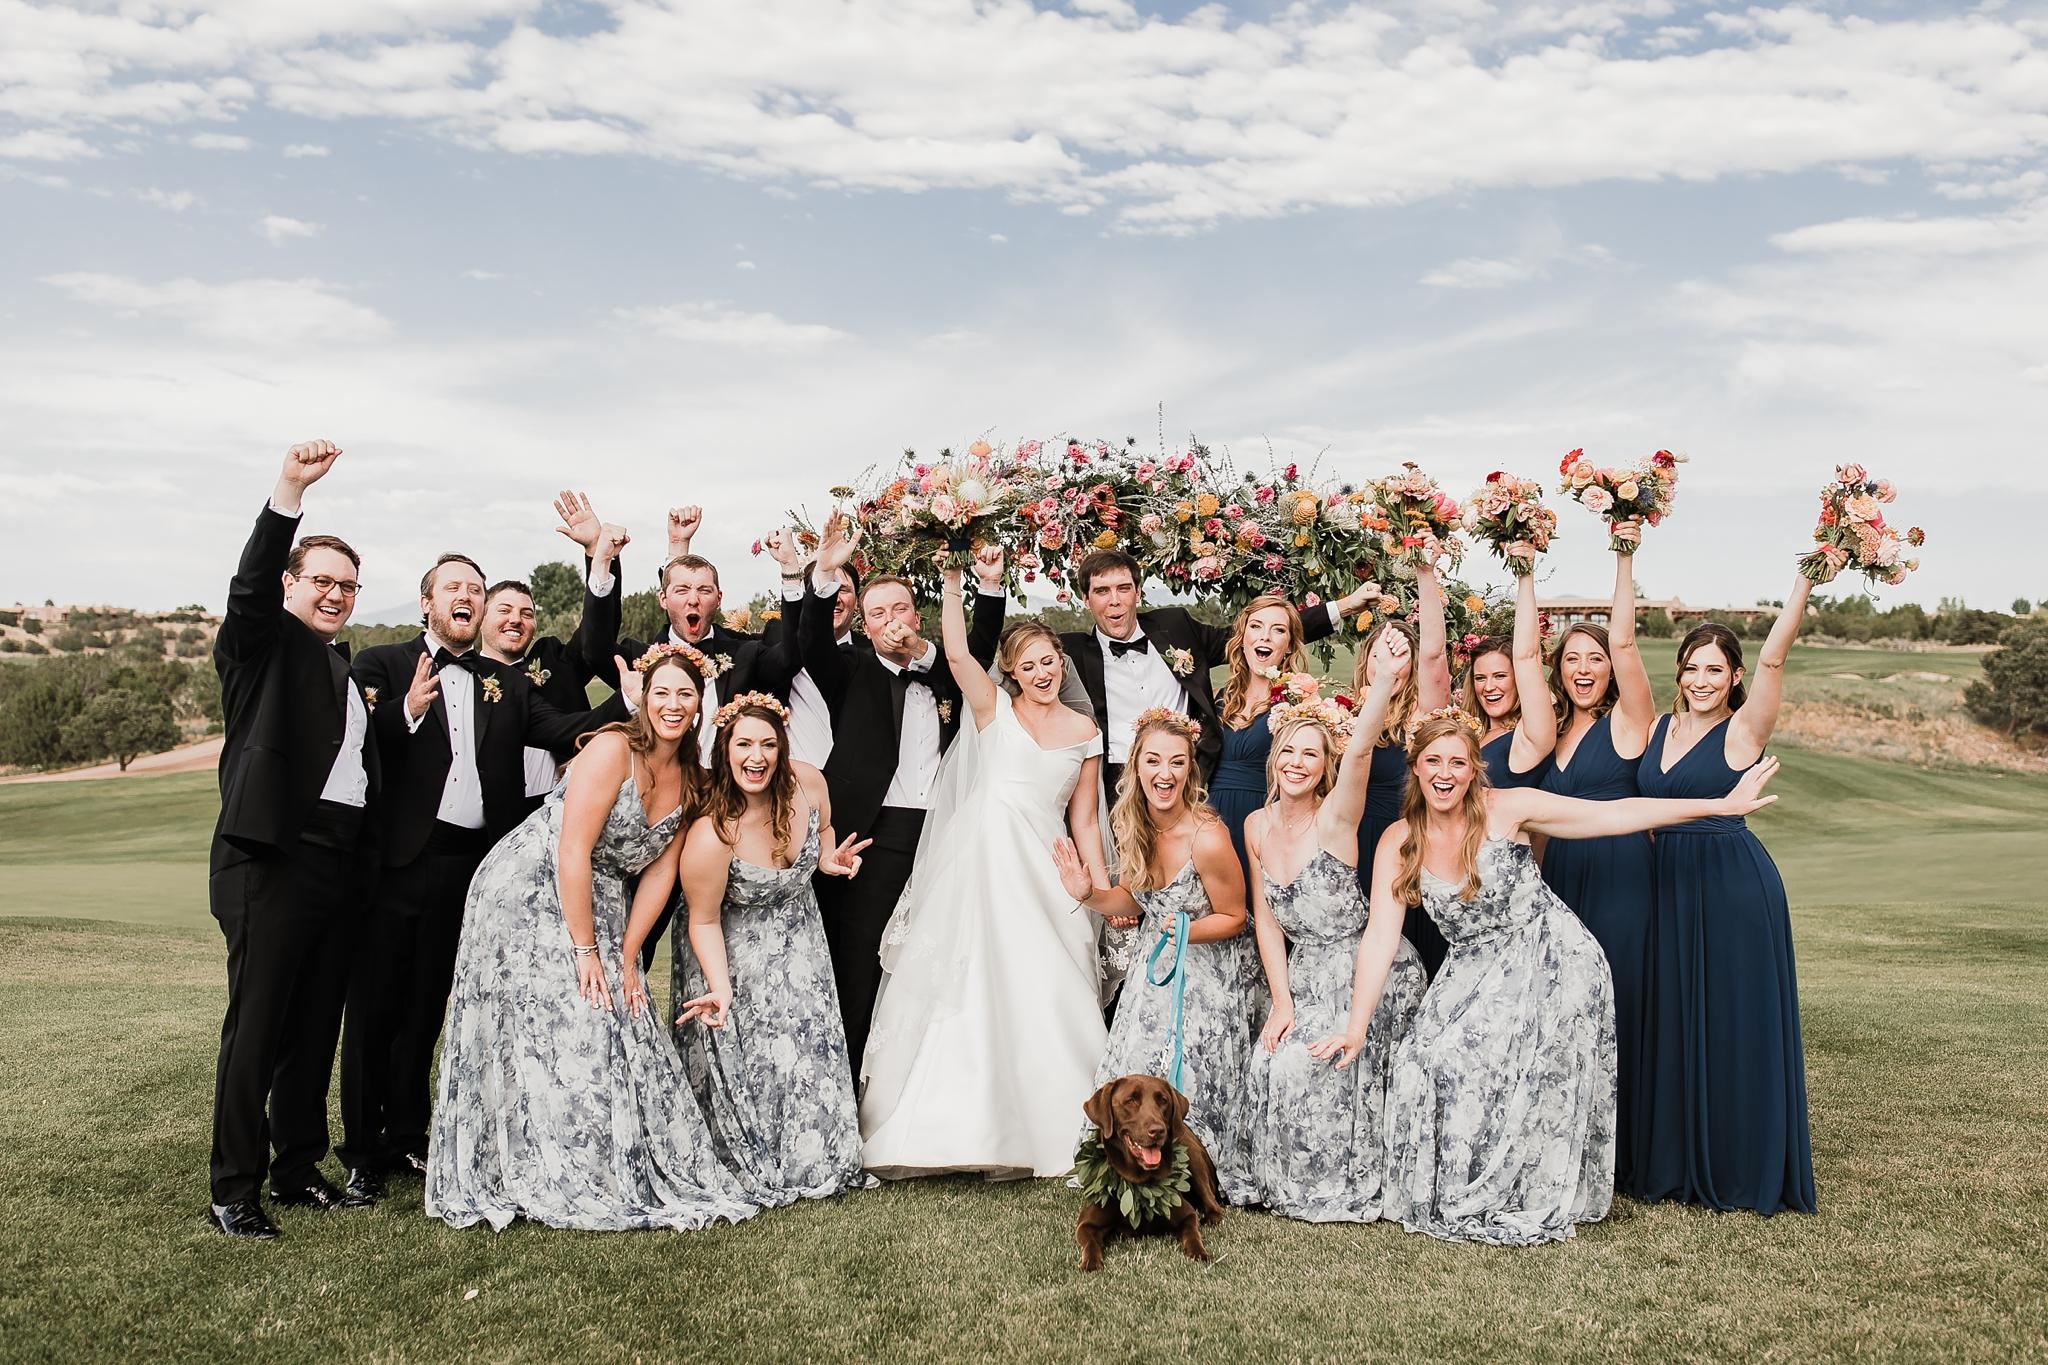 Alicia+lucia+photography+-+albuquerque+wedding+photographer+-+santa+fe+wedding+photography+-+new+mexico+wedding+photographer+-+new+mexico+wedding+-+las+campanas+wedding+-+santa+fe+wedding+-+maximalist+wedding+-+destination+wedding_0072.jpg